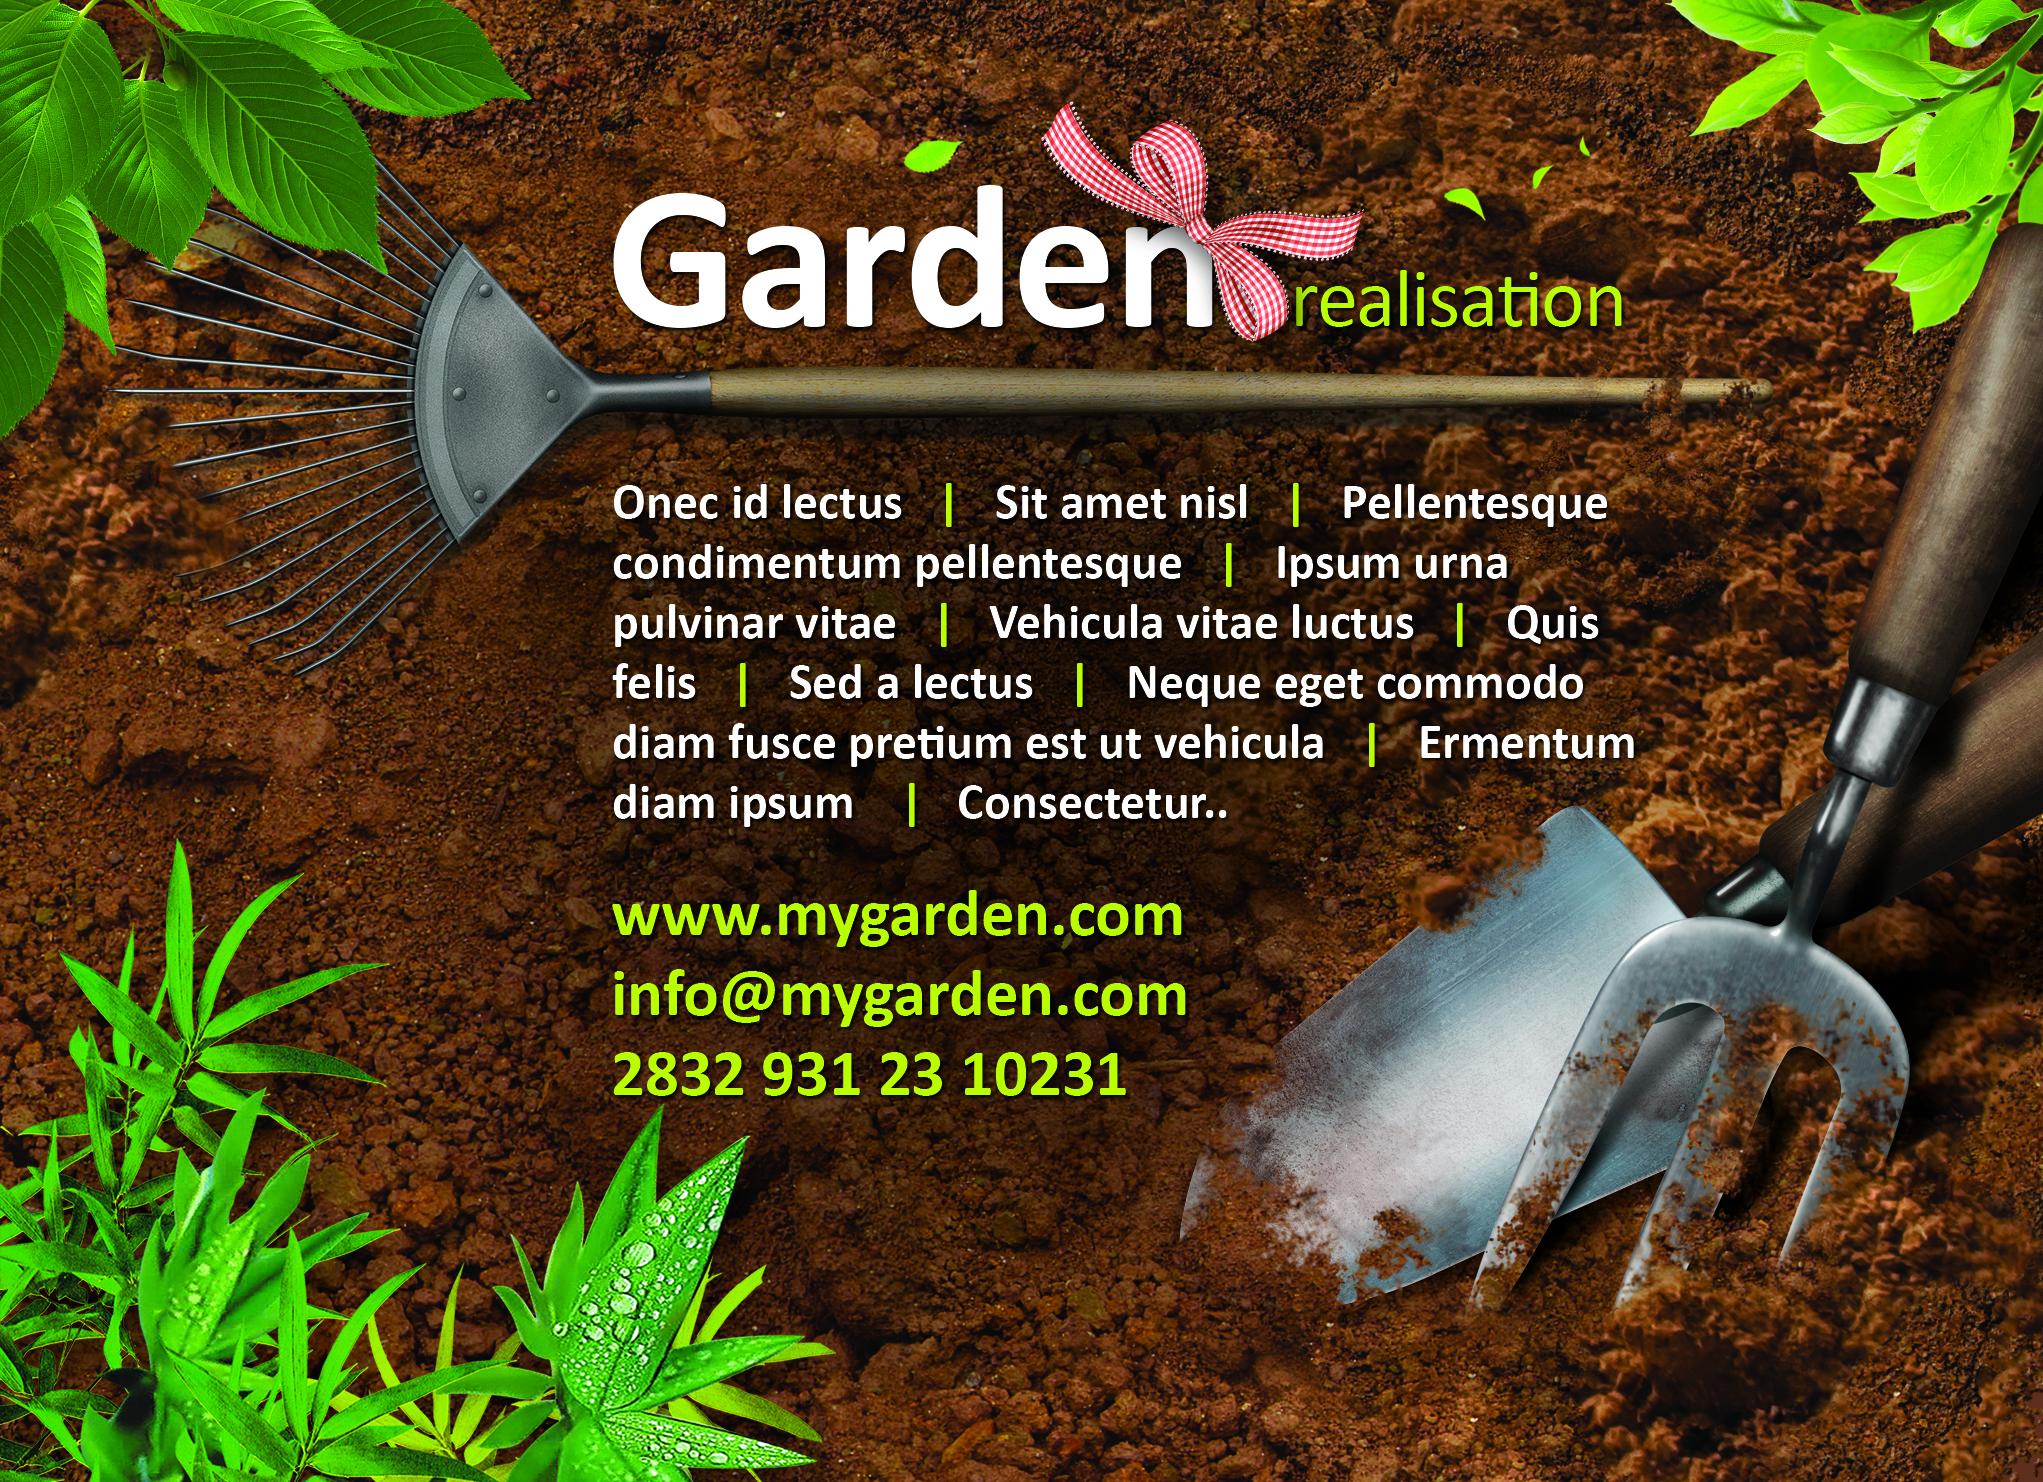 Garden Flyer Free PSD | Free PSD,Vector,Icons